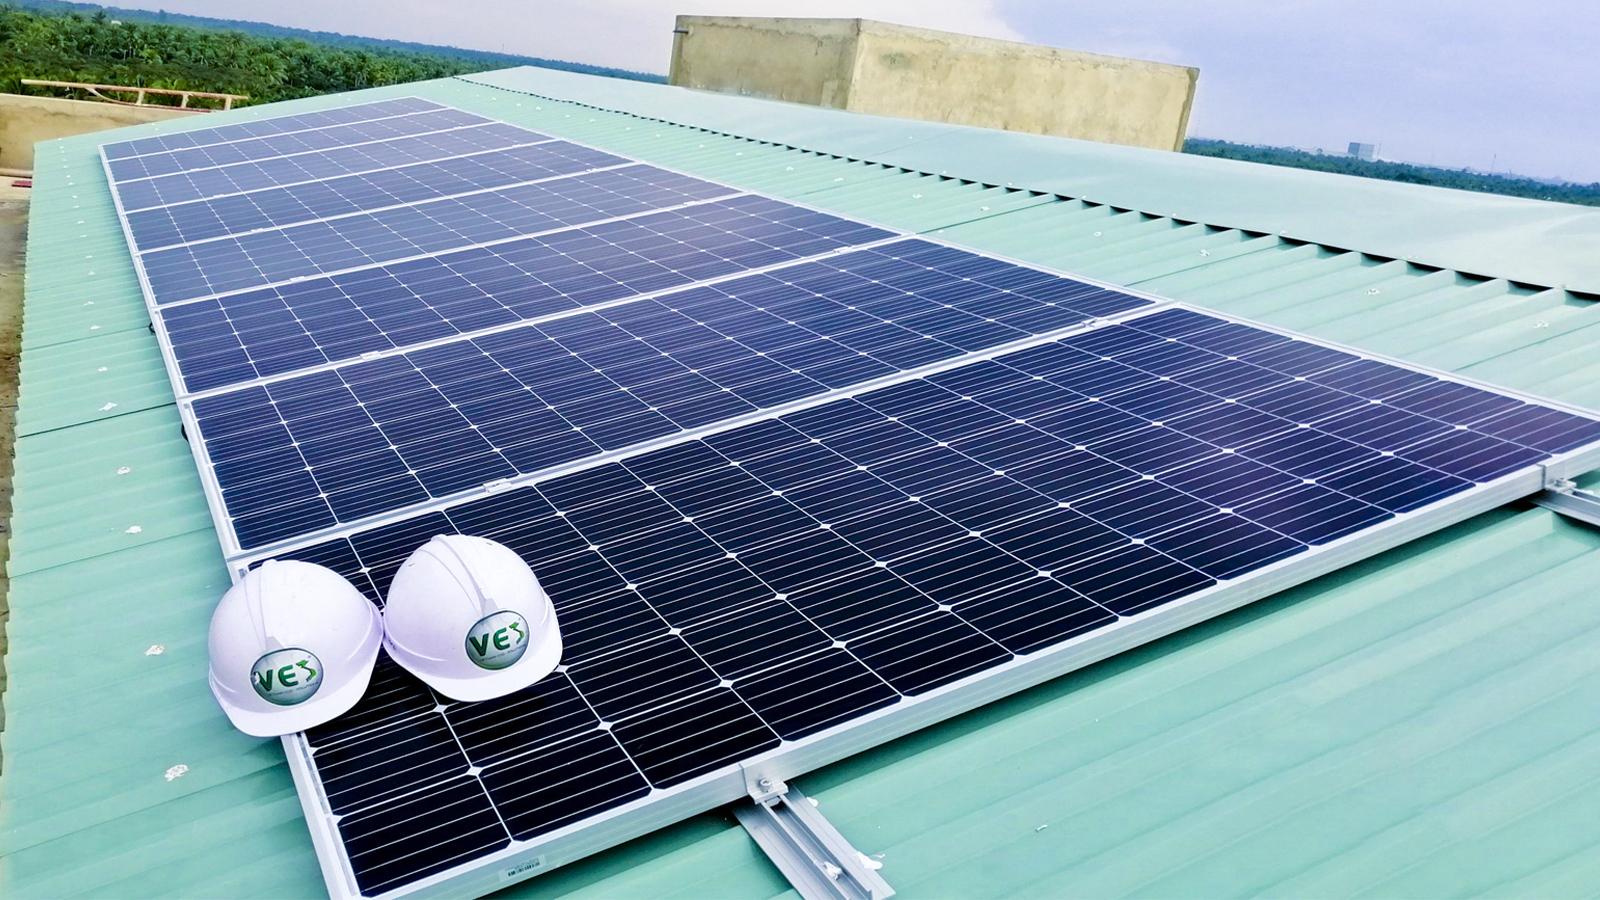 Chuyển đổi ánh sáng mặt trời thành năng lượng sạch với các tấm pin mặt trời trên mái nhà hiện tại của bạn